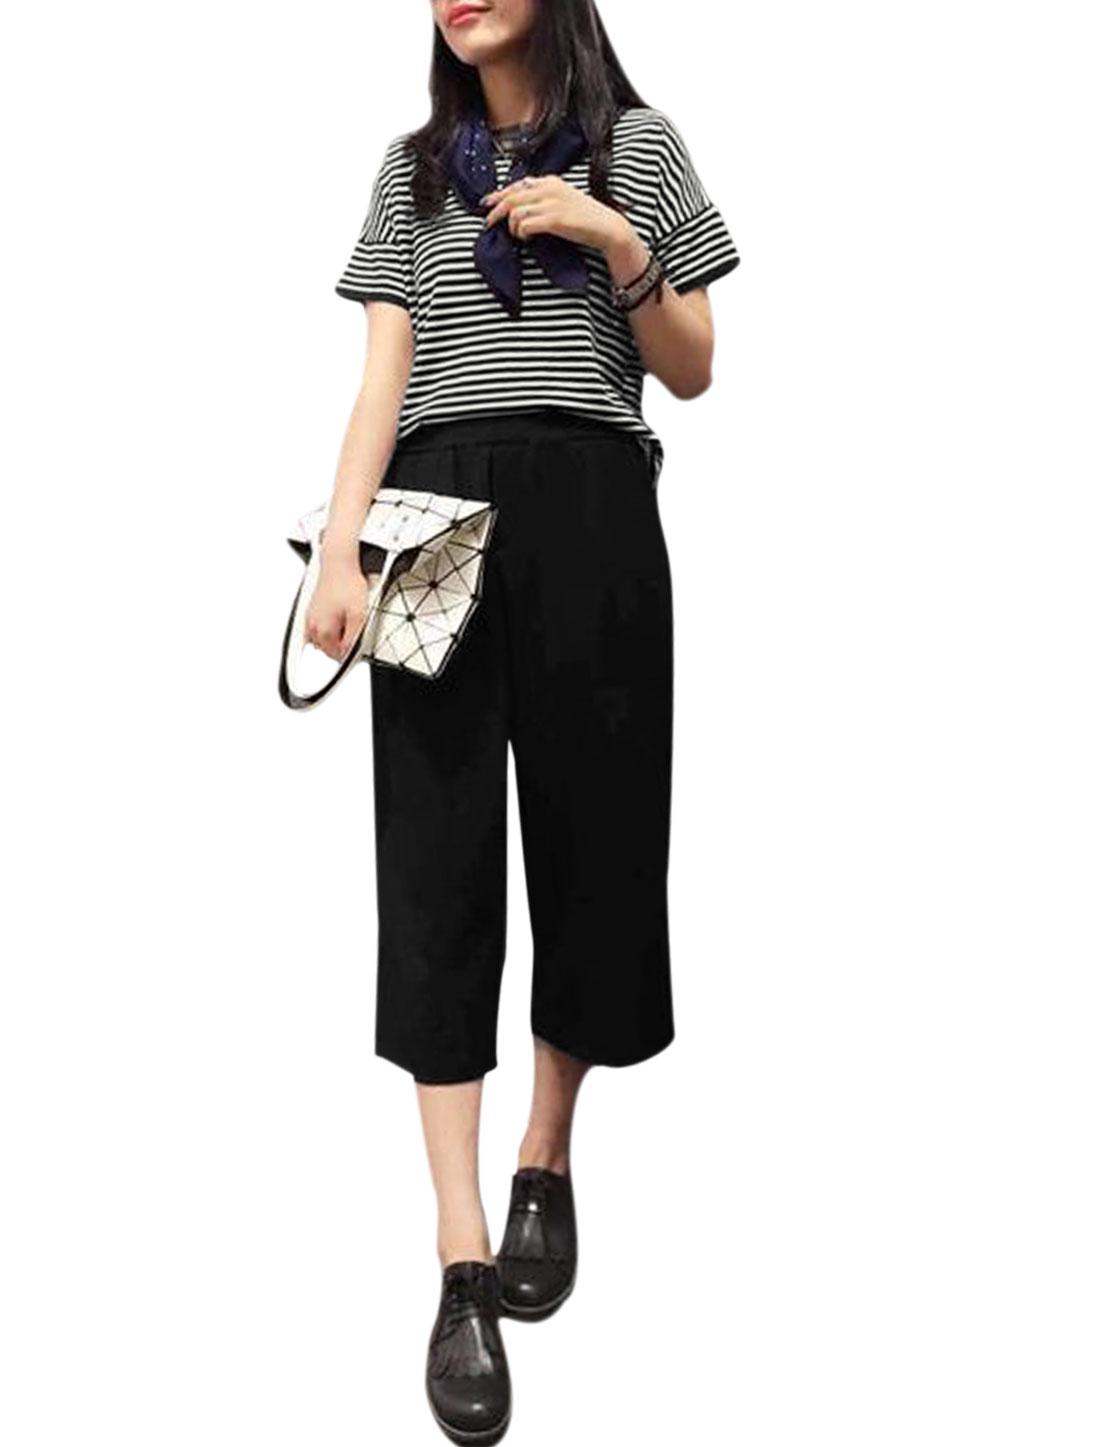 Women Stripes Prints T-Shirt w Wide Leg Casual Cropped Pants Set Black XS